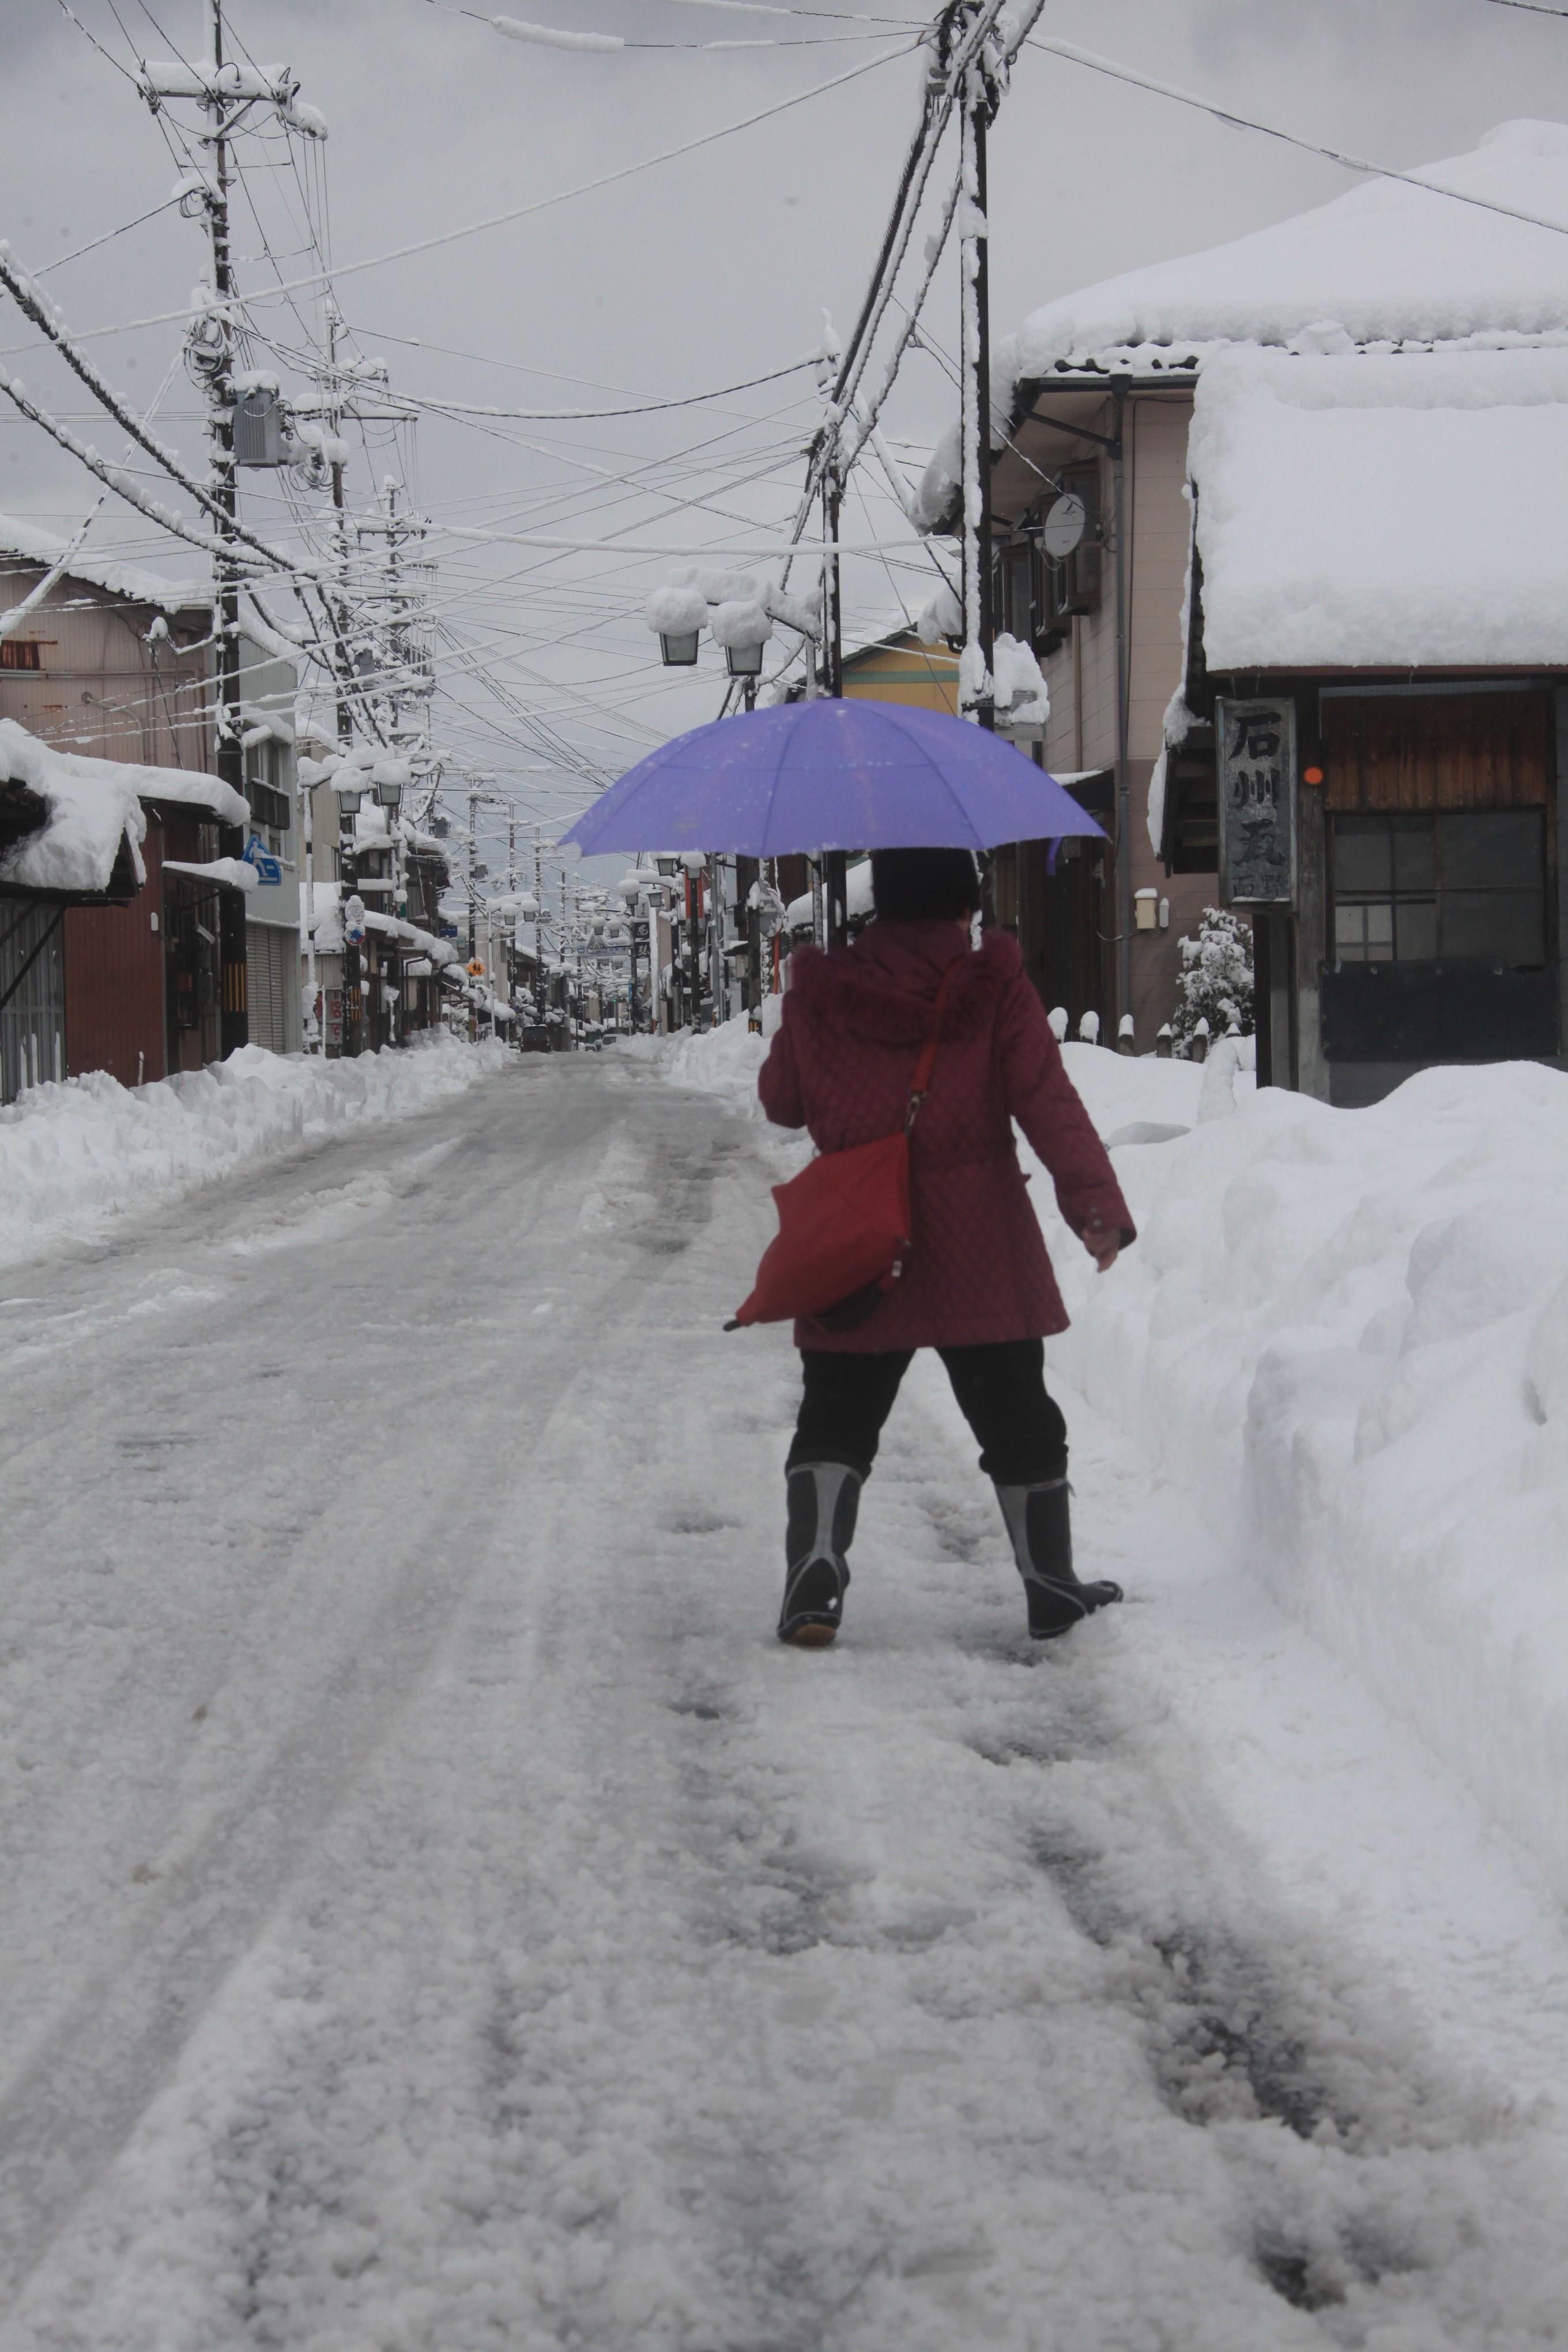 雪のいと高う降りたるを 品詞分解